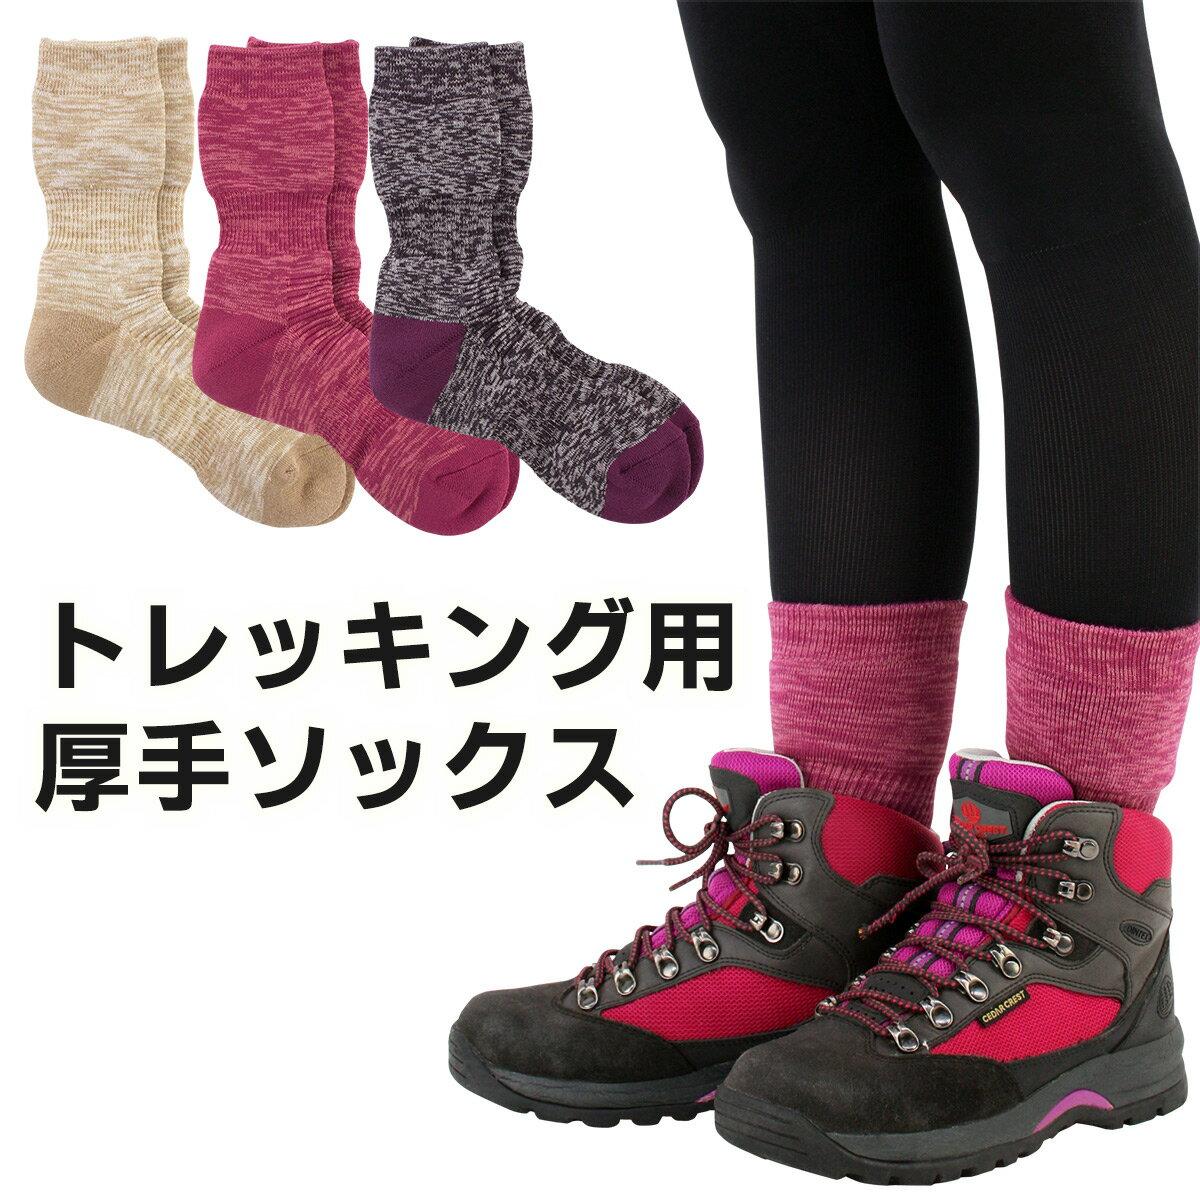 登山用 ソックス レディス厚手総パイル編み抗菌防臭・日本製トレッキング 靴下富士山・ 富士登山にも3913-501ポイント10倍